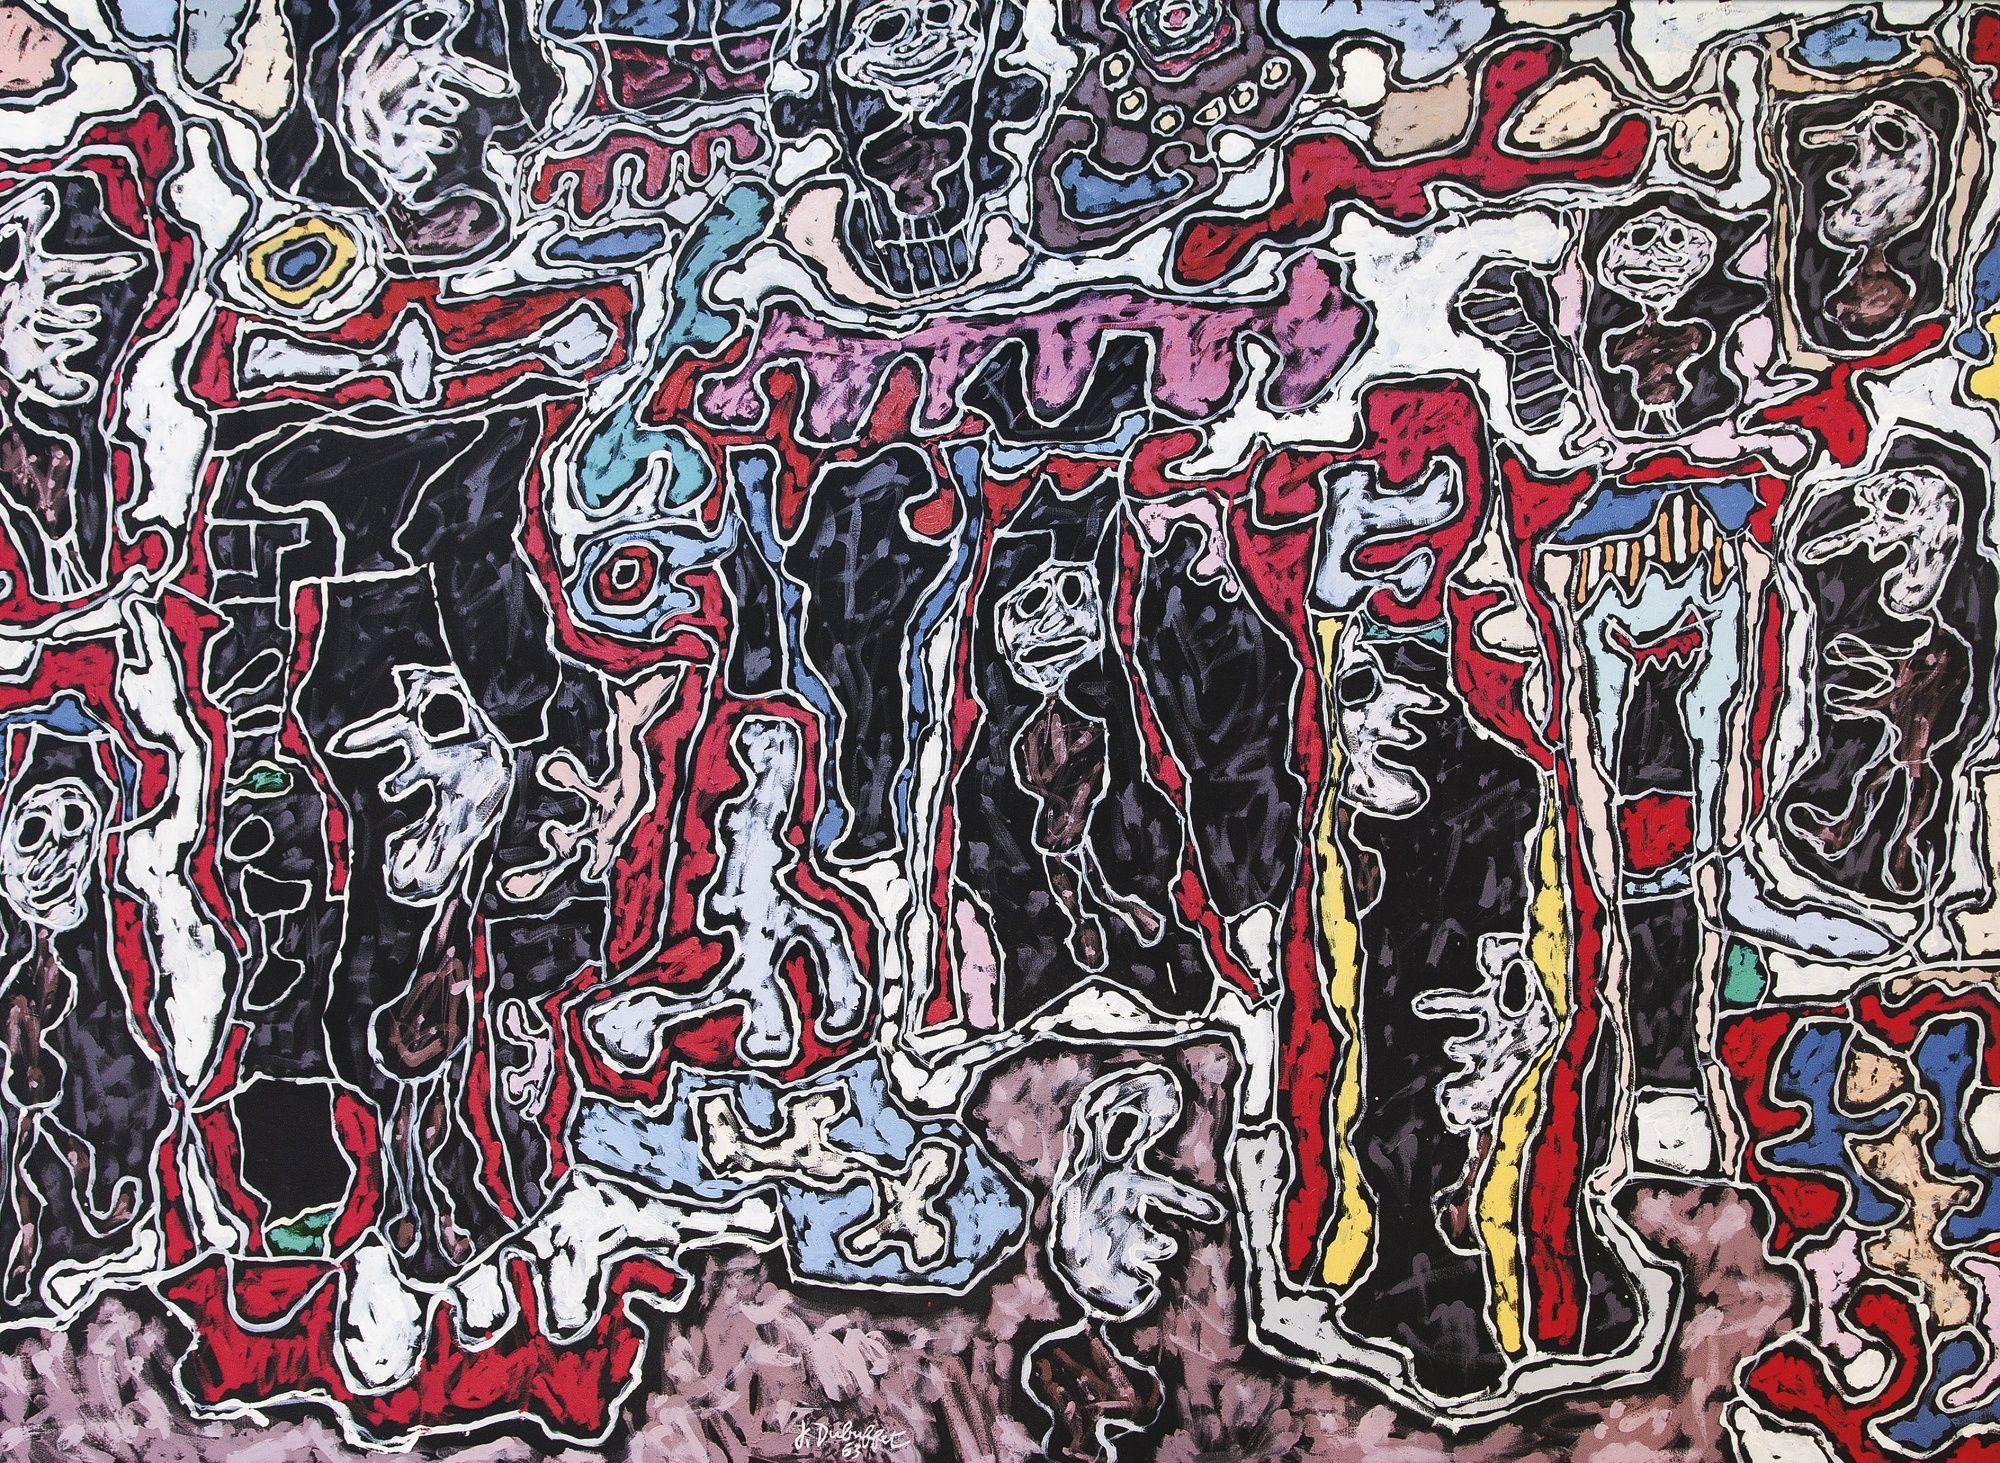 Art History News: JEAN DUBUFFET | Art | Pinterest | Art, Art ...